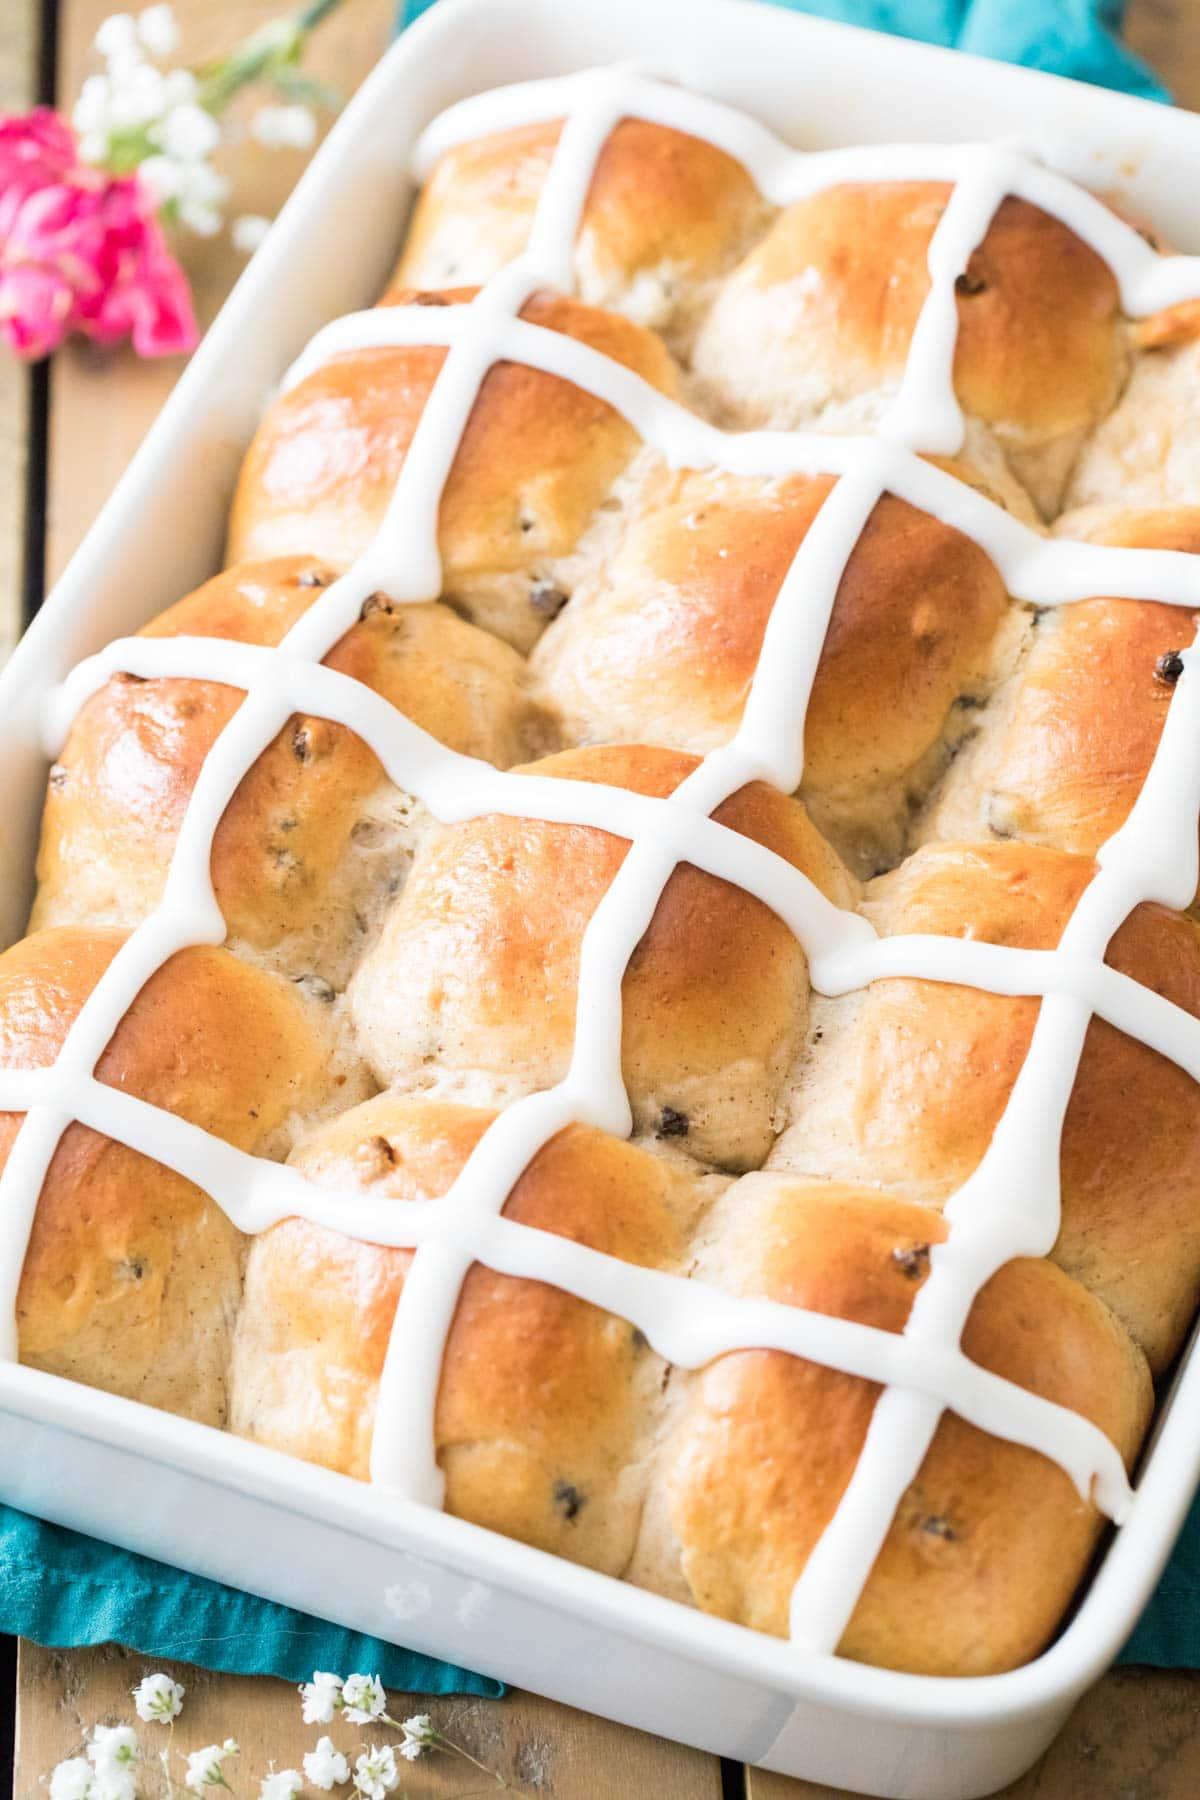 Iced hot cross buns.